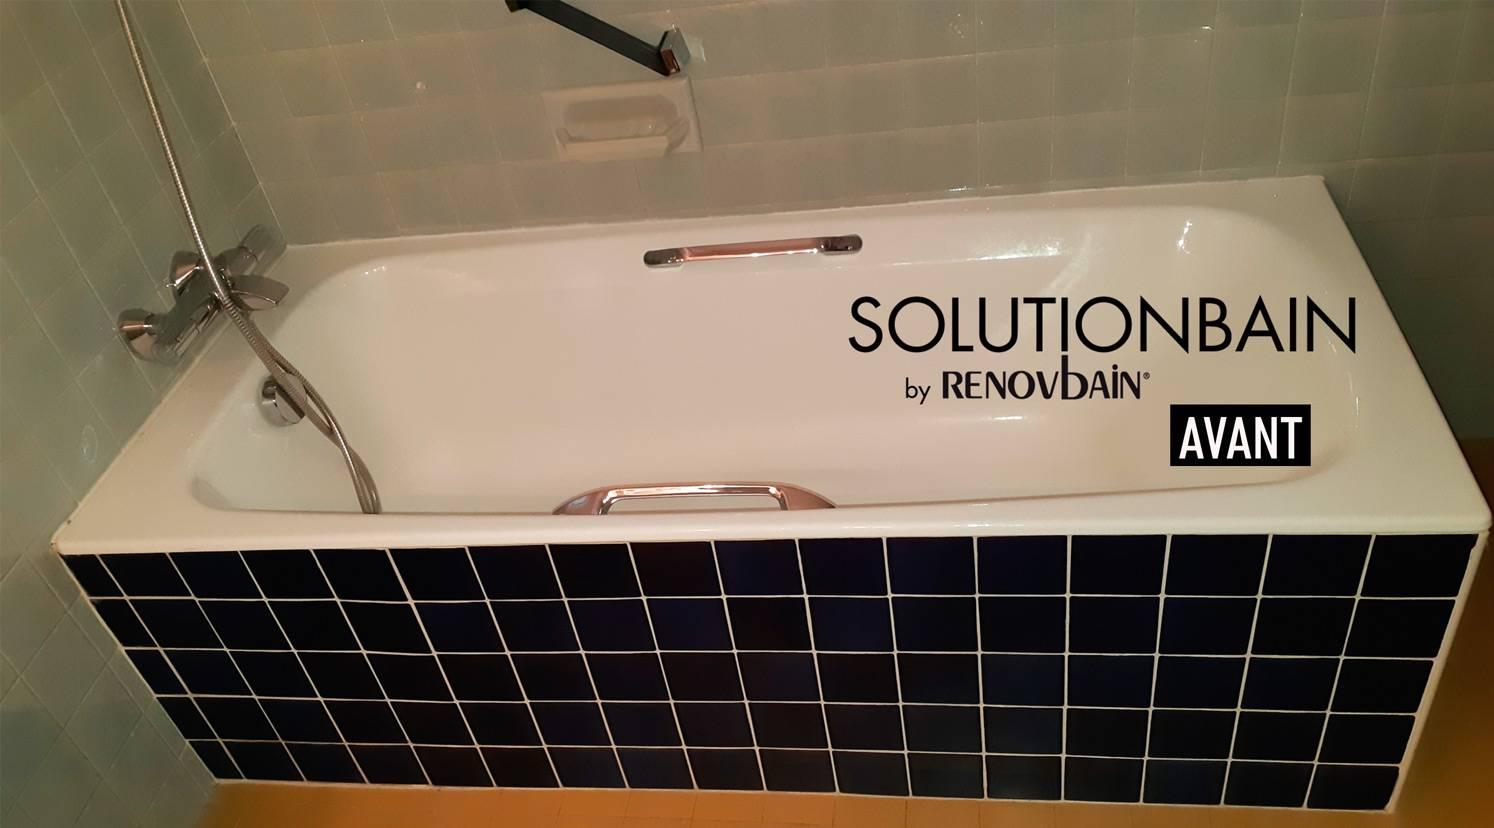 Comment transformer une baignoire en douche avignon - Transformer une baignoire en douche ...